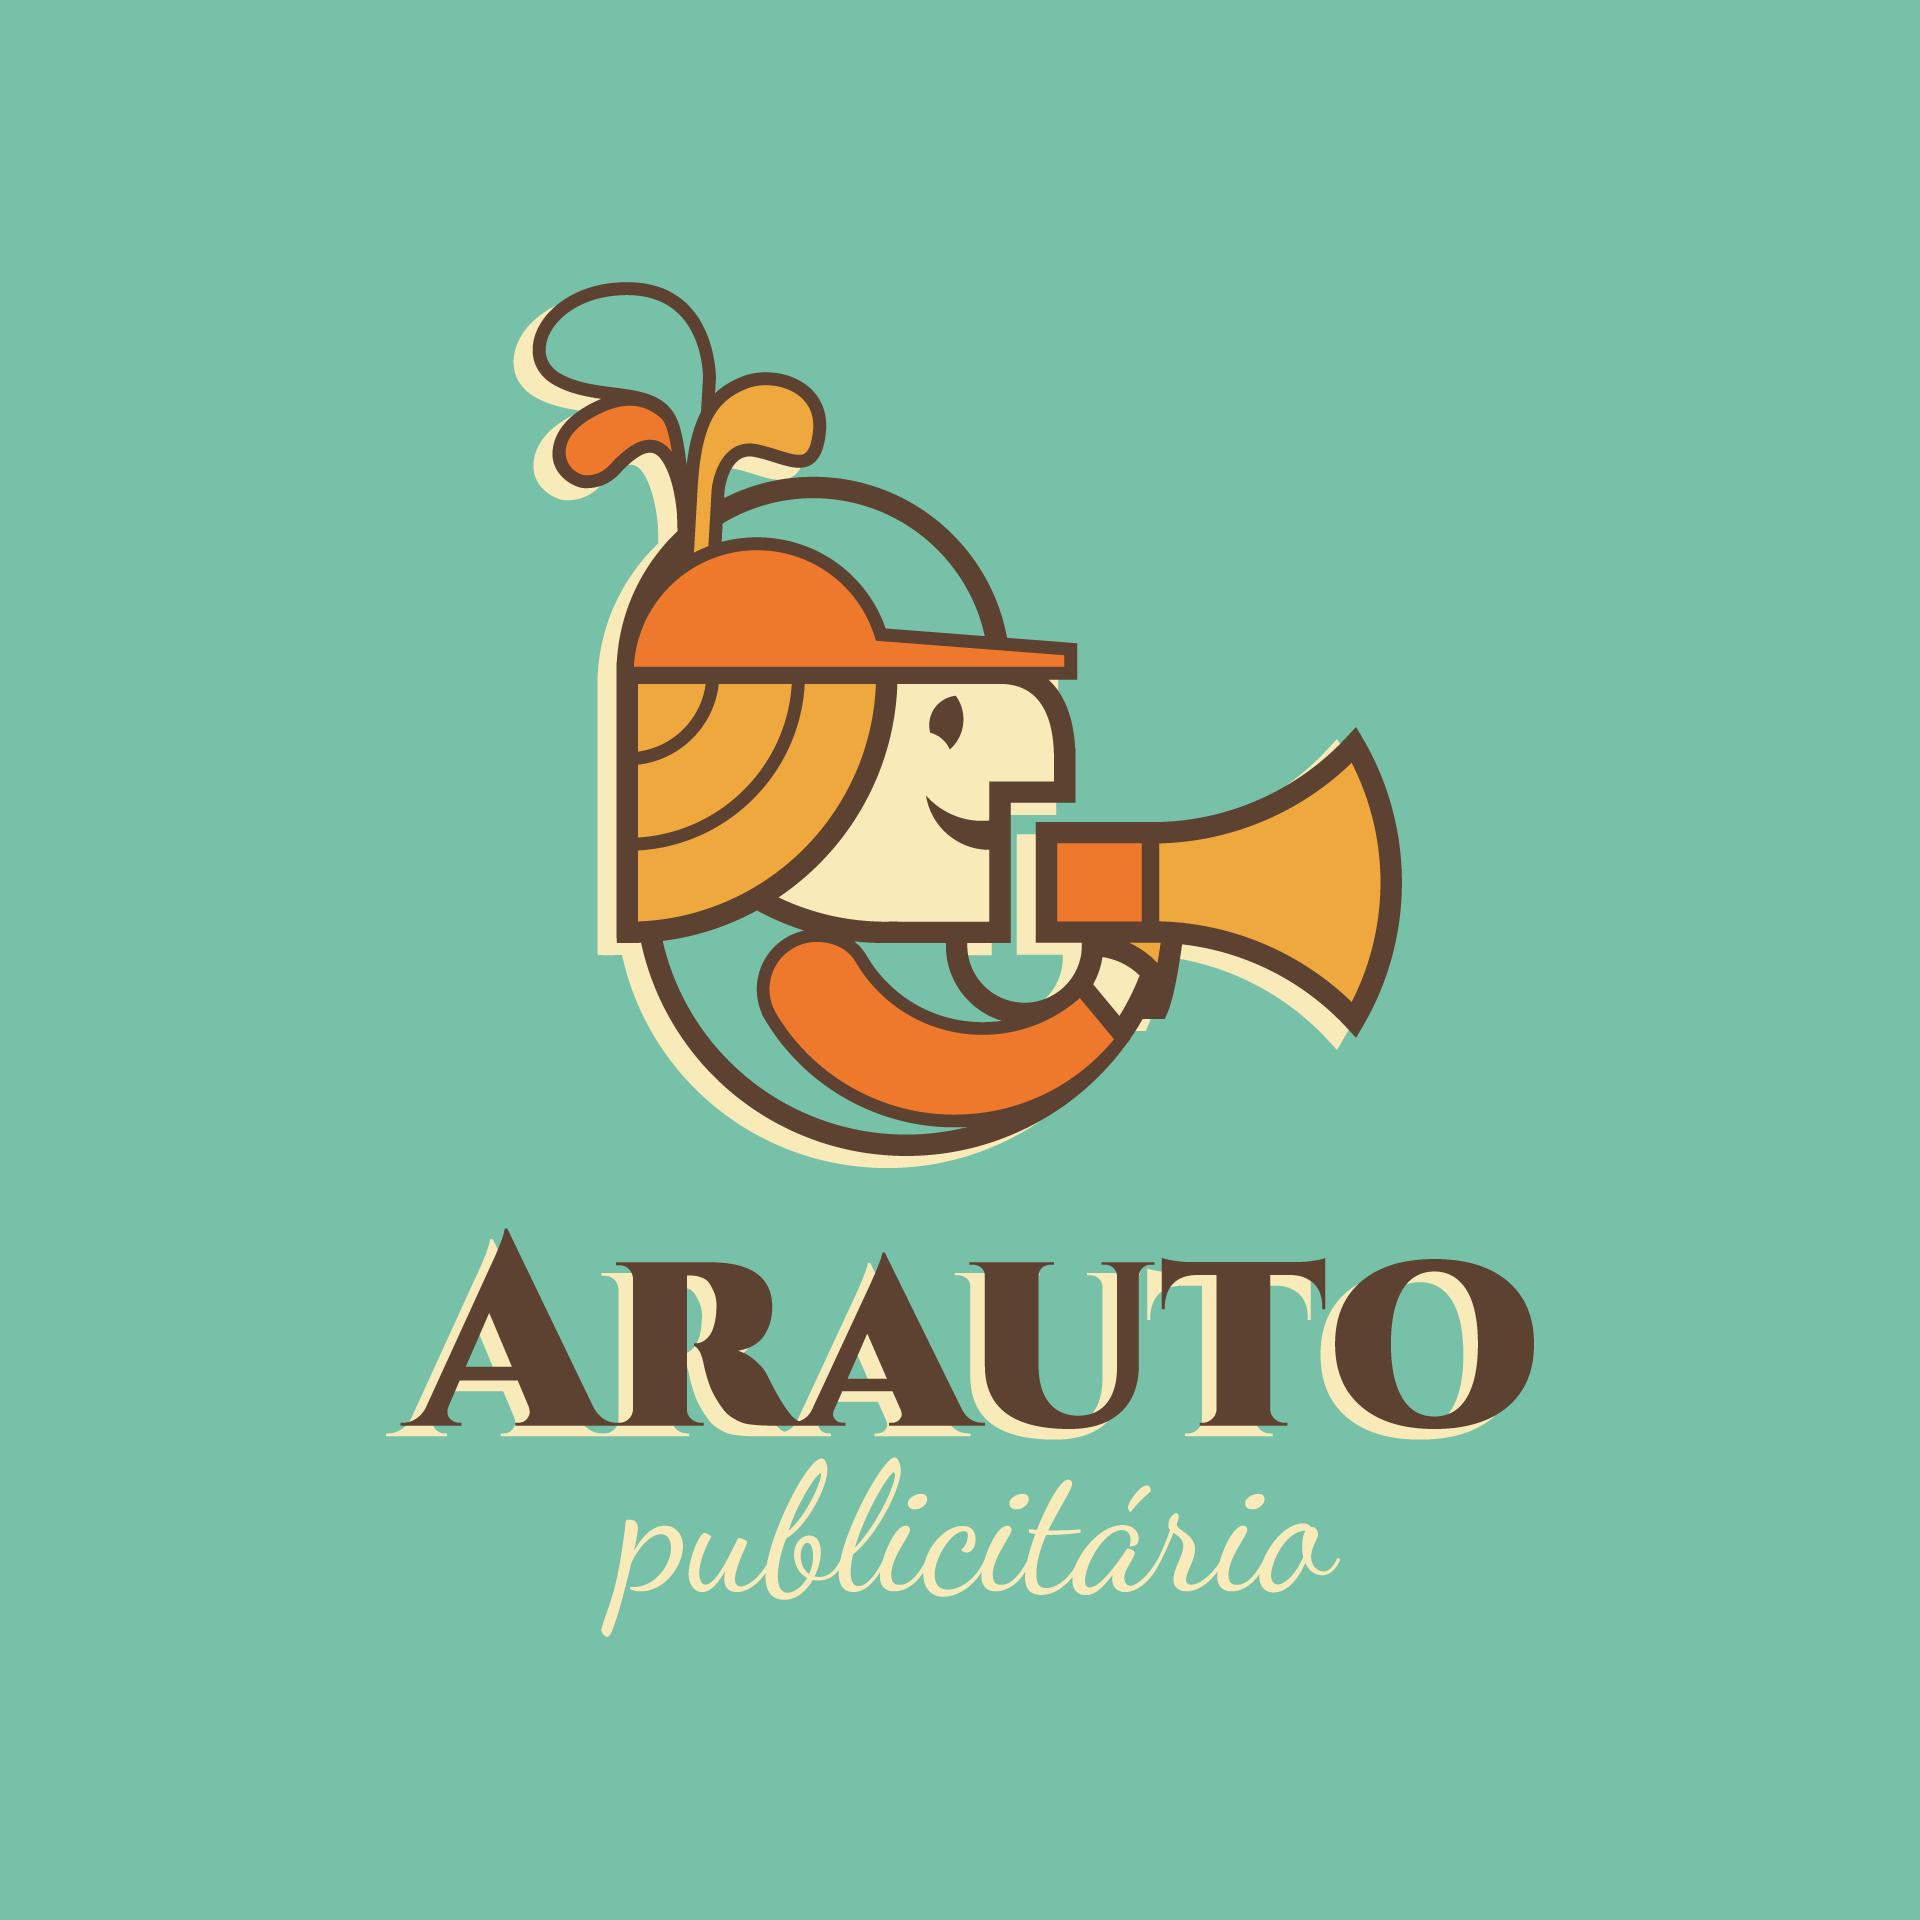 tbn_arauto